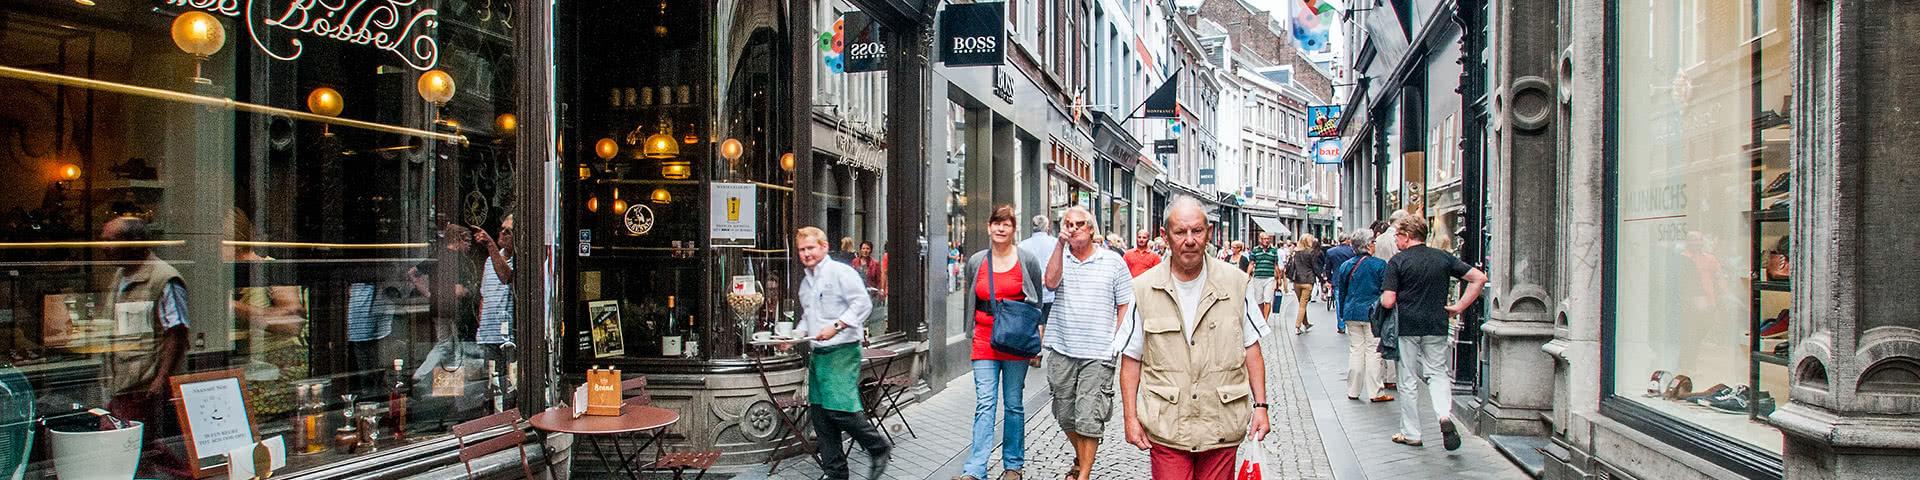 Belebte Einkaufsstraße in der Innenstadt von Maastricht